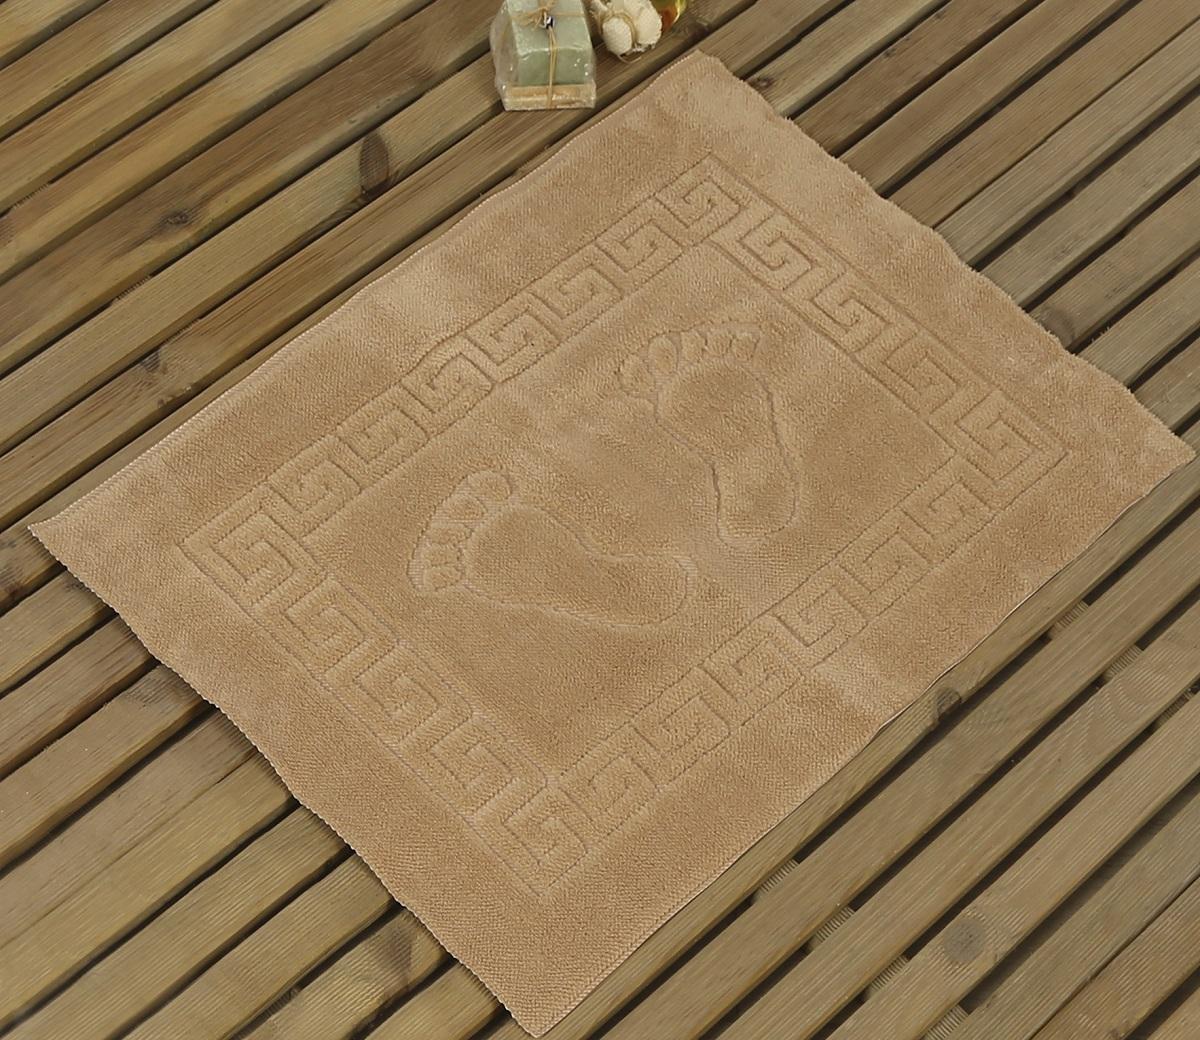 Коврик для ванной Karna Likya, цвет: кофейный, 50 х 70 см391602Коврик печатный Karna сделан из 100% полиэстера. Полиэстер является синтетическим волокном. Ткань, полностью изготовленная из полиэстера, даже после увлажнения, очень быстро сохнет. Коврик из полиэстера практически не требователен к уходу и обладает высокой устойчивостью к износу.Коврик из полиэстера не мнётся и легко стирается, после стирки очень быстро высыхает. Материал очень прочный, за время использования не растягивается и не садится. А так же обладает высокой влагонепроницаемостью.Размер: 50 х 70 см.